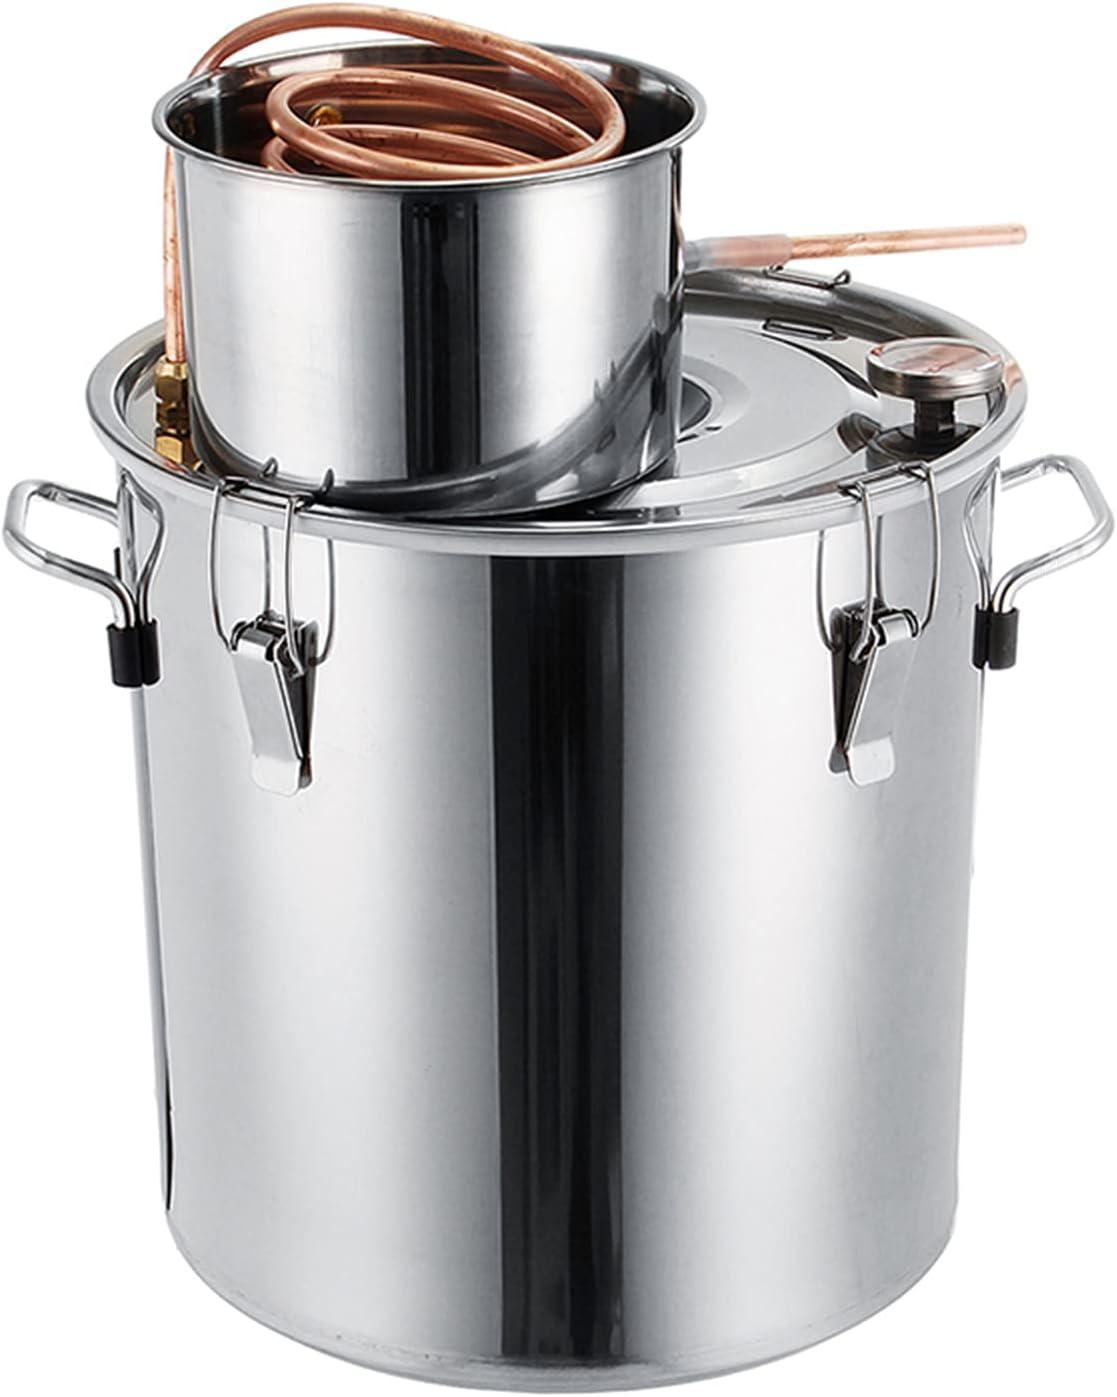 Kit De Bebidas Alcohólicas Destiladas Moonshine De Tubo De Cobre - Caldera De Destilador De Alcohol De Acero Inoxidable Kit De Elaboración De Vino Casero,35l